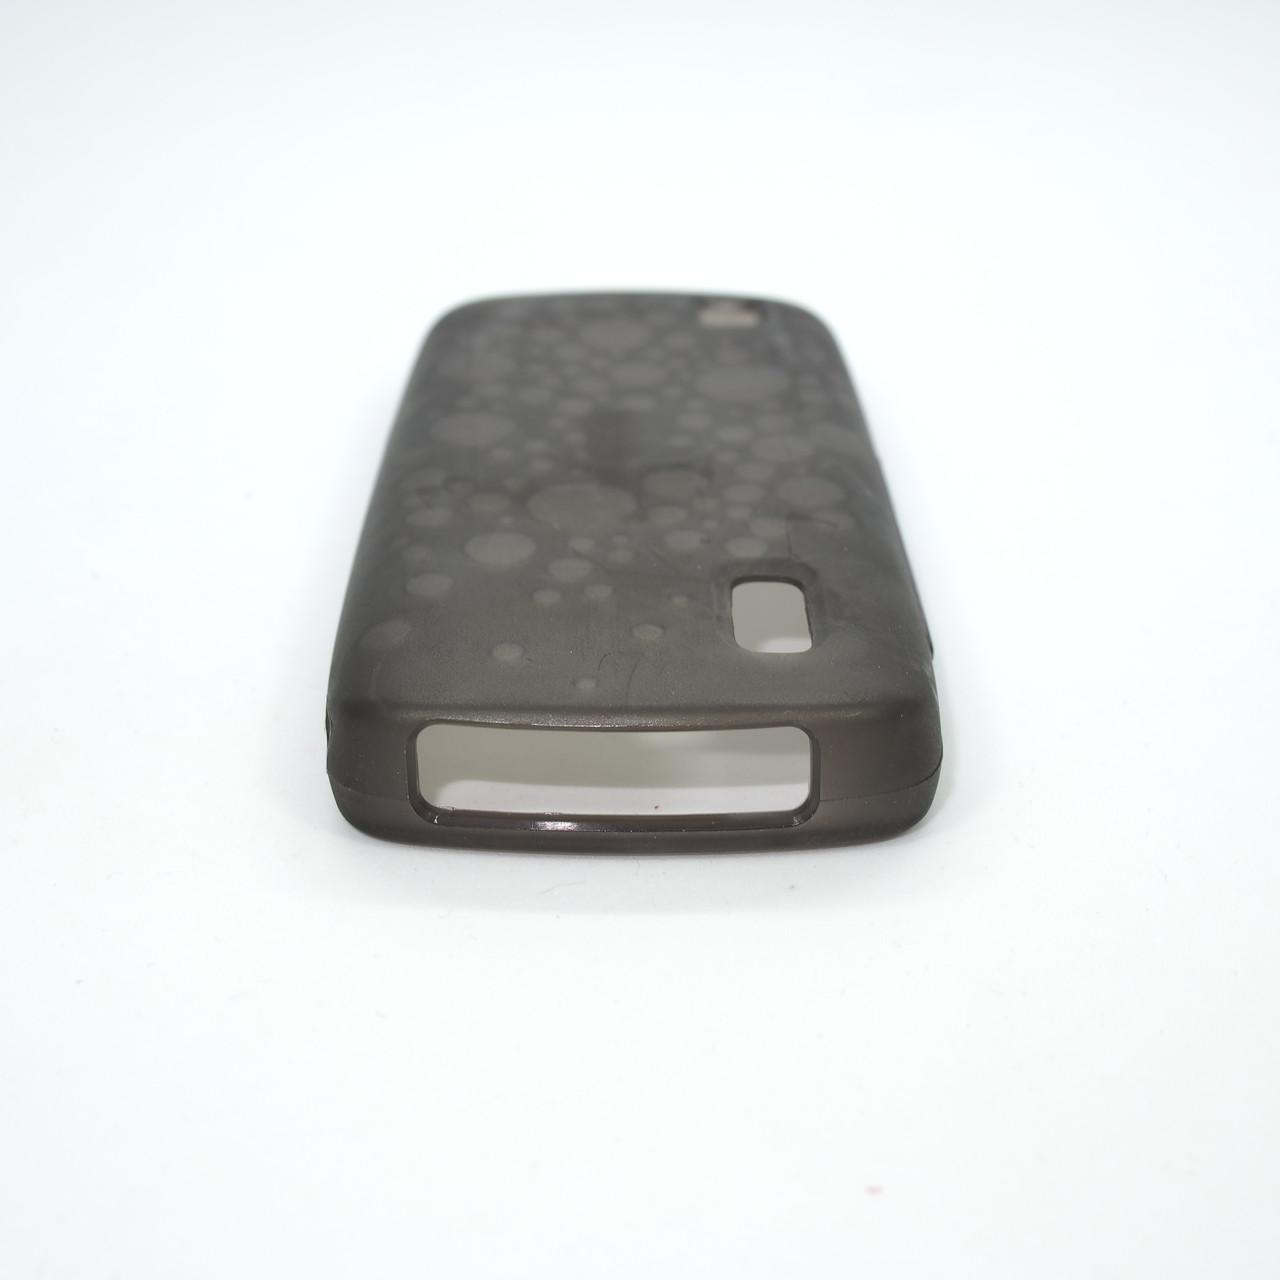 Чехлы для Nokia CC-1035 300 Silicone Cover black